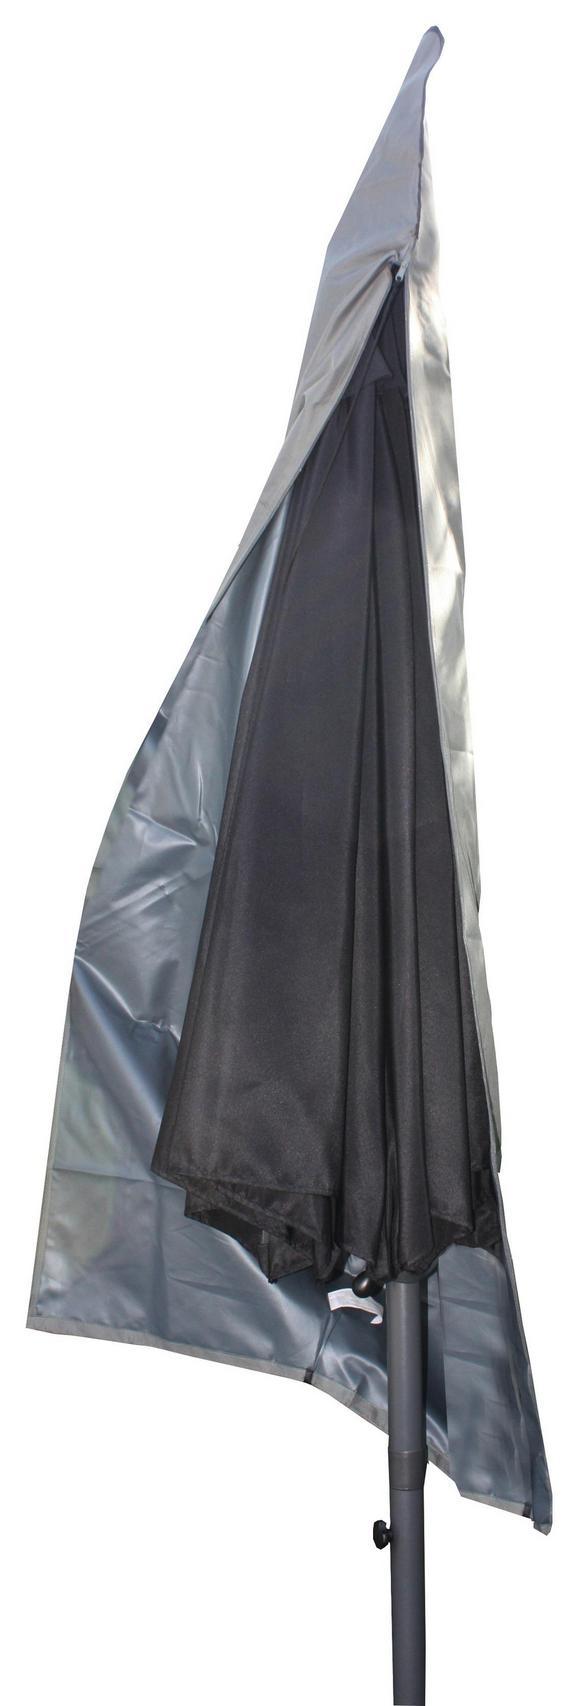 Schirmhülle Cover in Grau - Grau, Textil (30-50/170/cm) - Mömax modern living